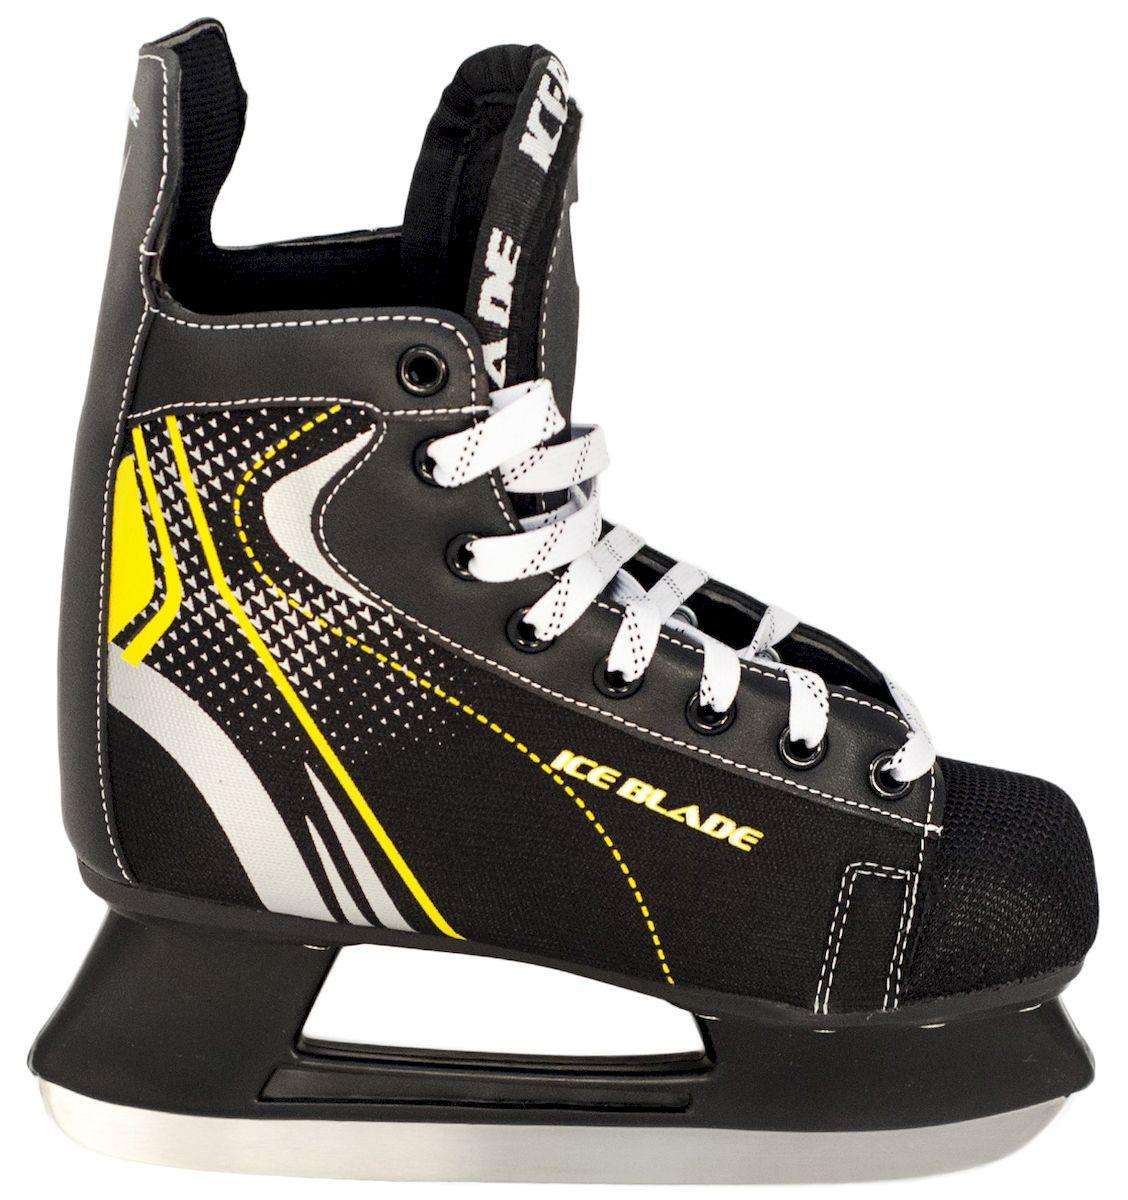 Коньки хоккейные Ice Blade Shark, цвет: черный, желтый. УТ-00006841. Размер 41